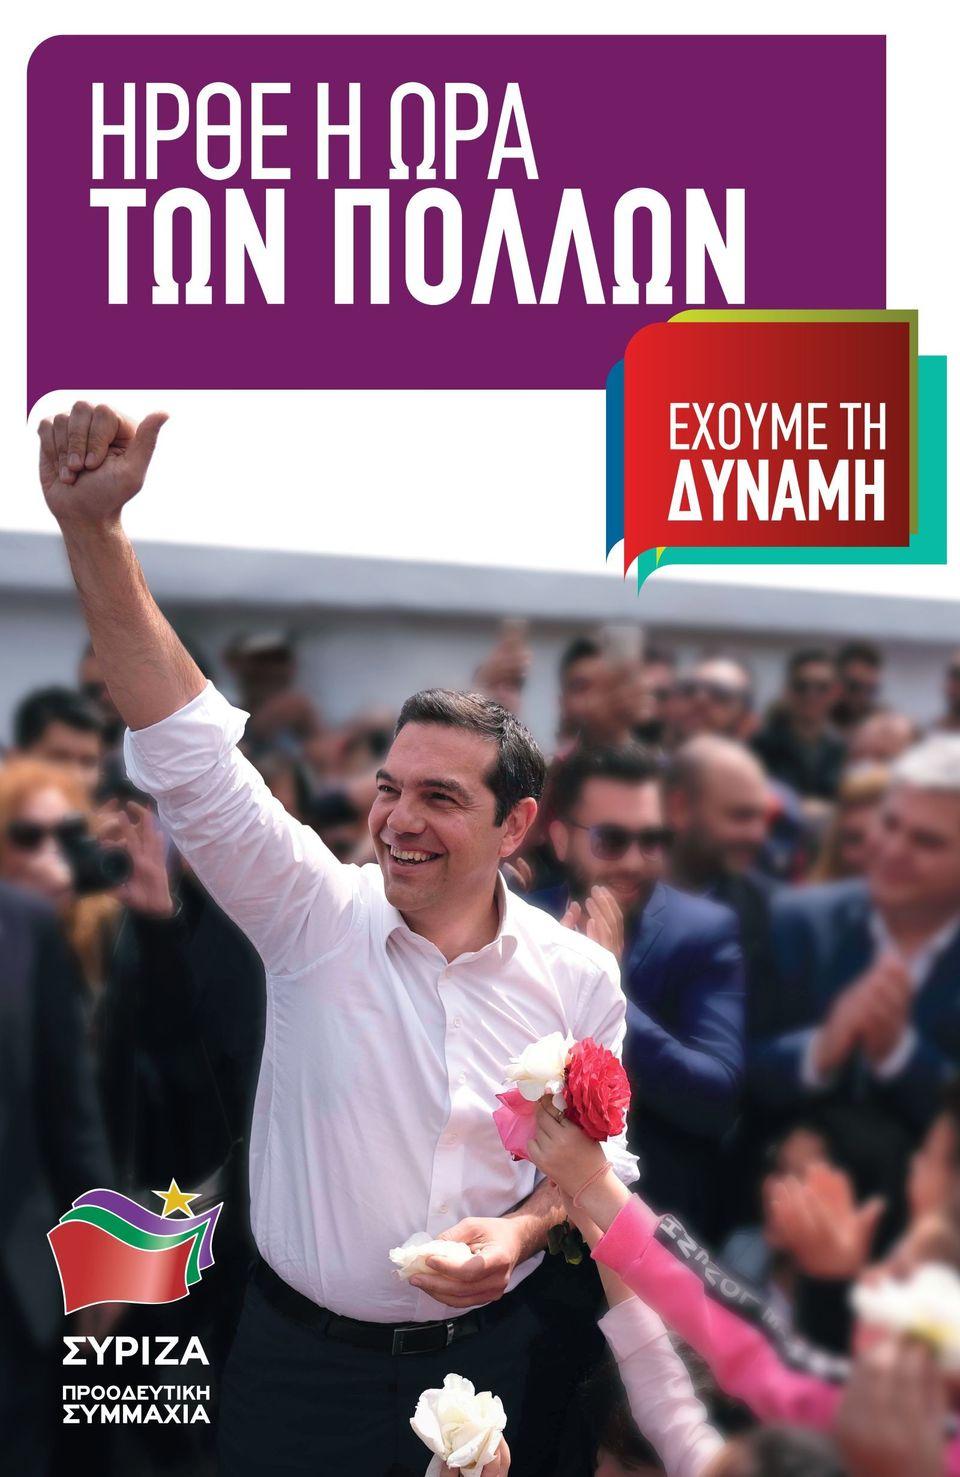 ΣΥΡΙΖΑ ΠΡΟΟΔΕΥΤΙΚΗ ΣΥΜΜΑΧΙΑ: βασική αφίσα